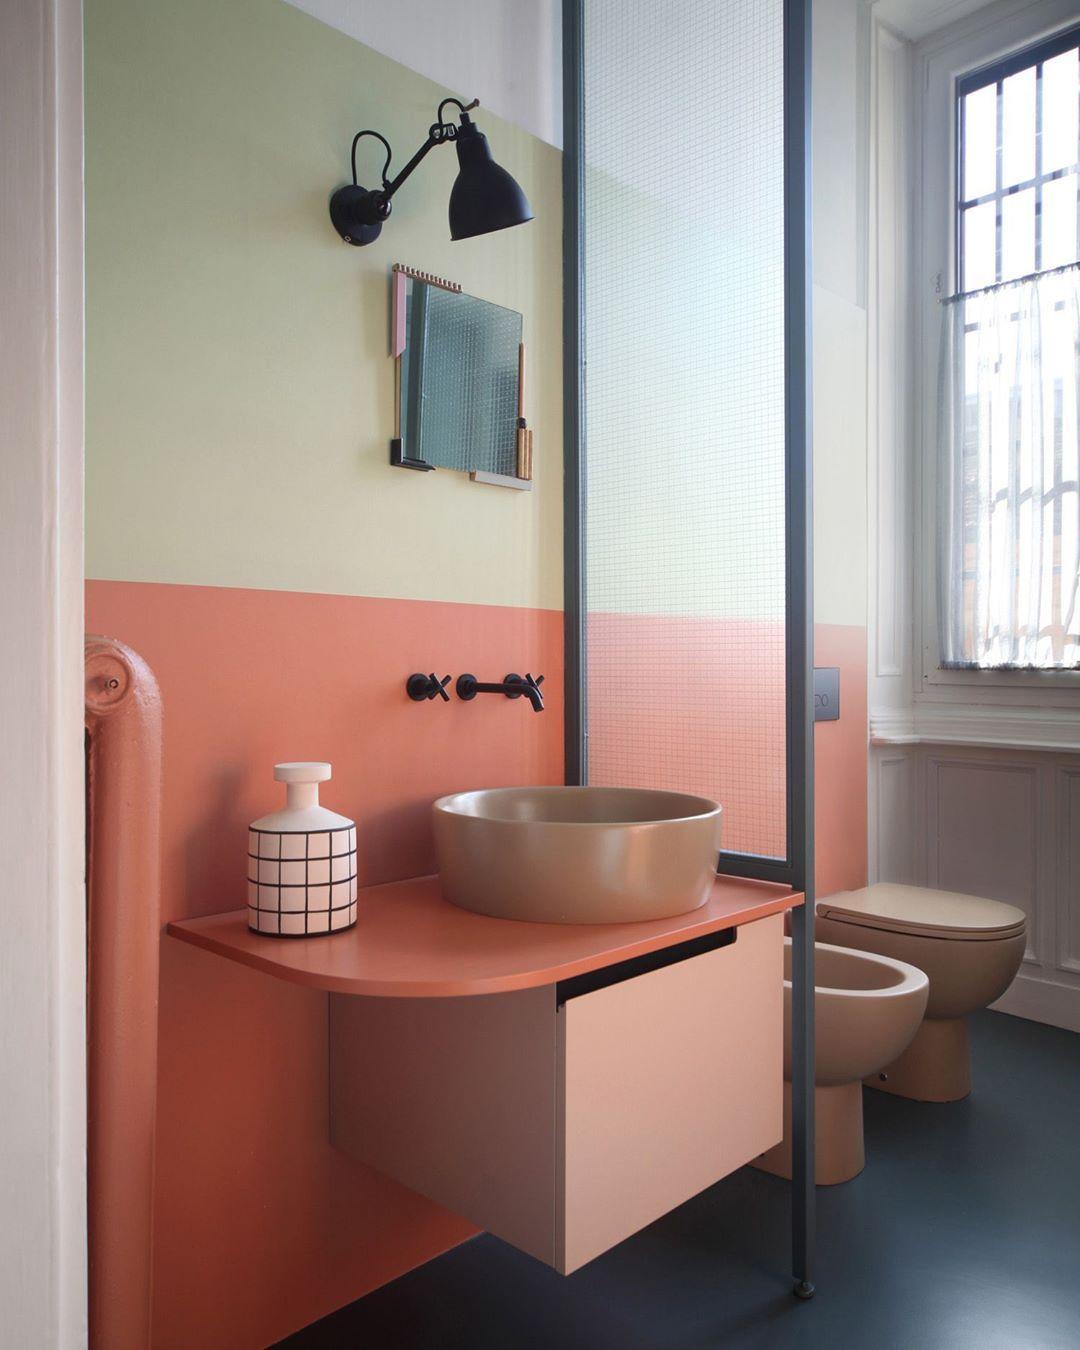 Epingle Par Violaine Moinier Sur Pink Interieur Salle De Bain